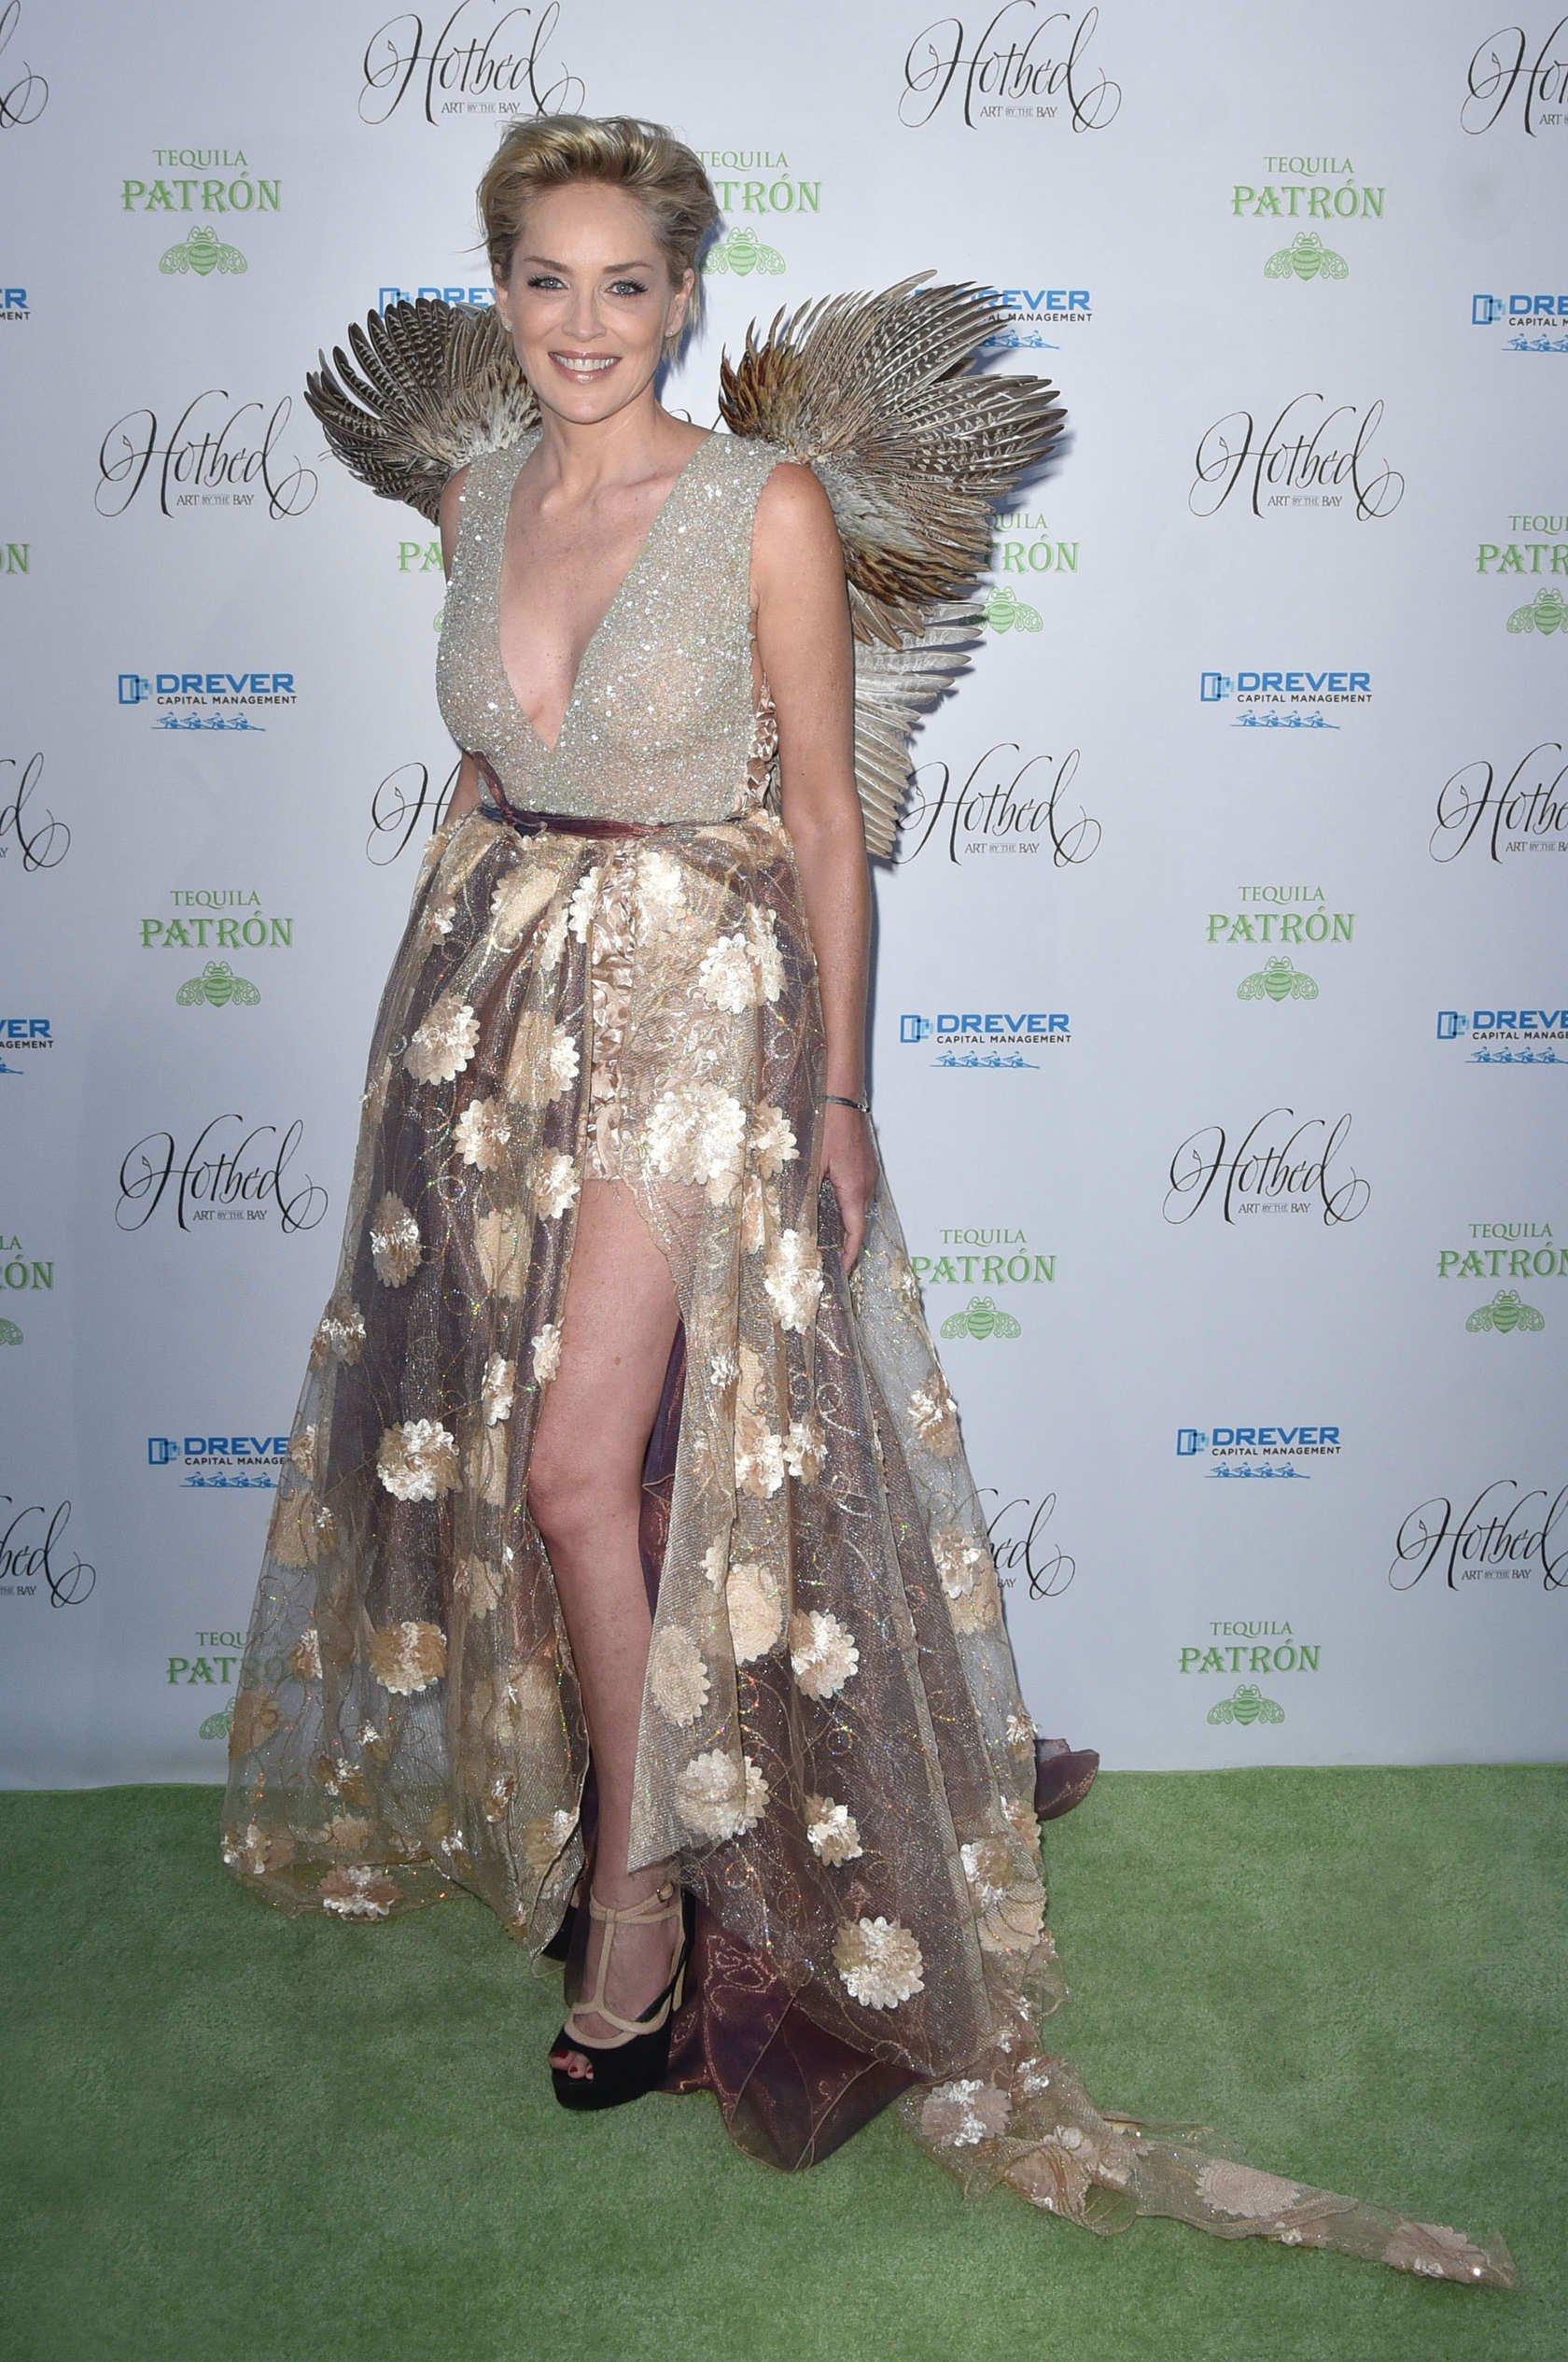 Шэрон Стоун появилась на премьере своего нового фильма в невероятном образе